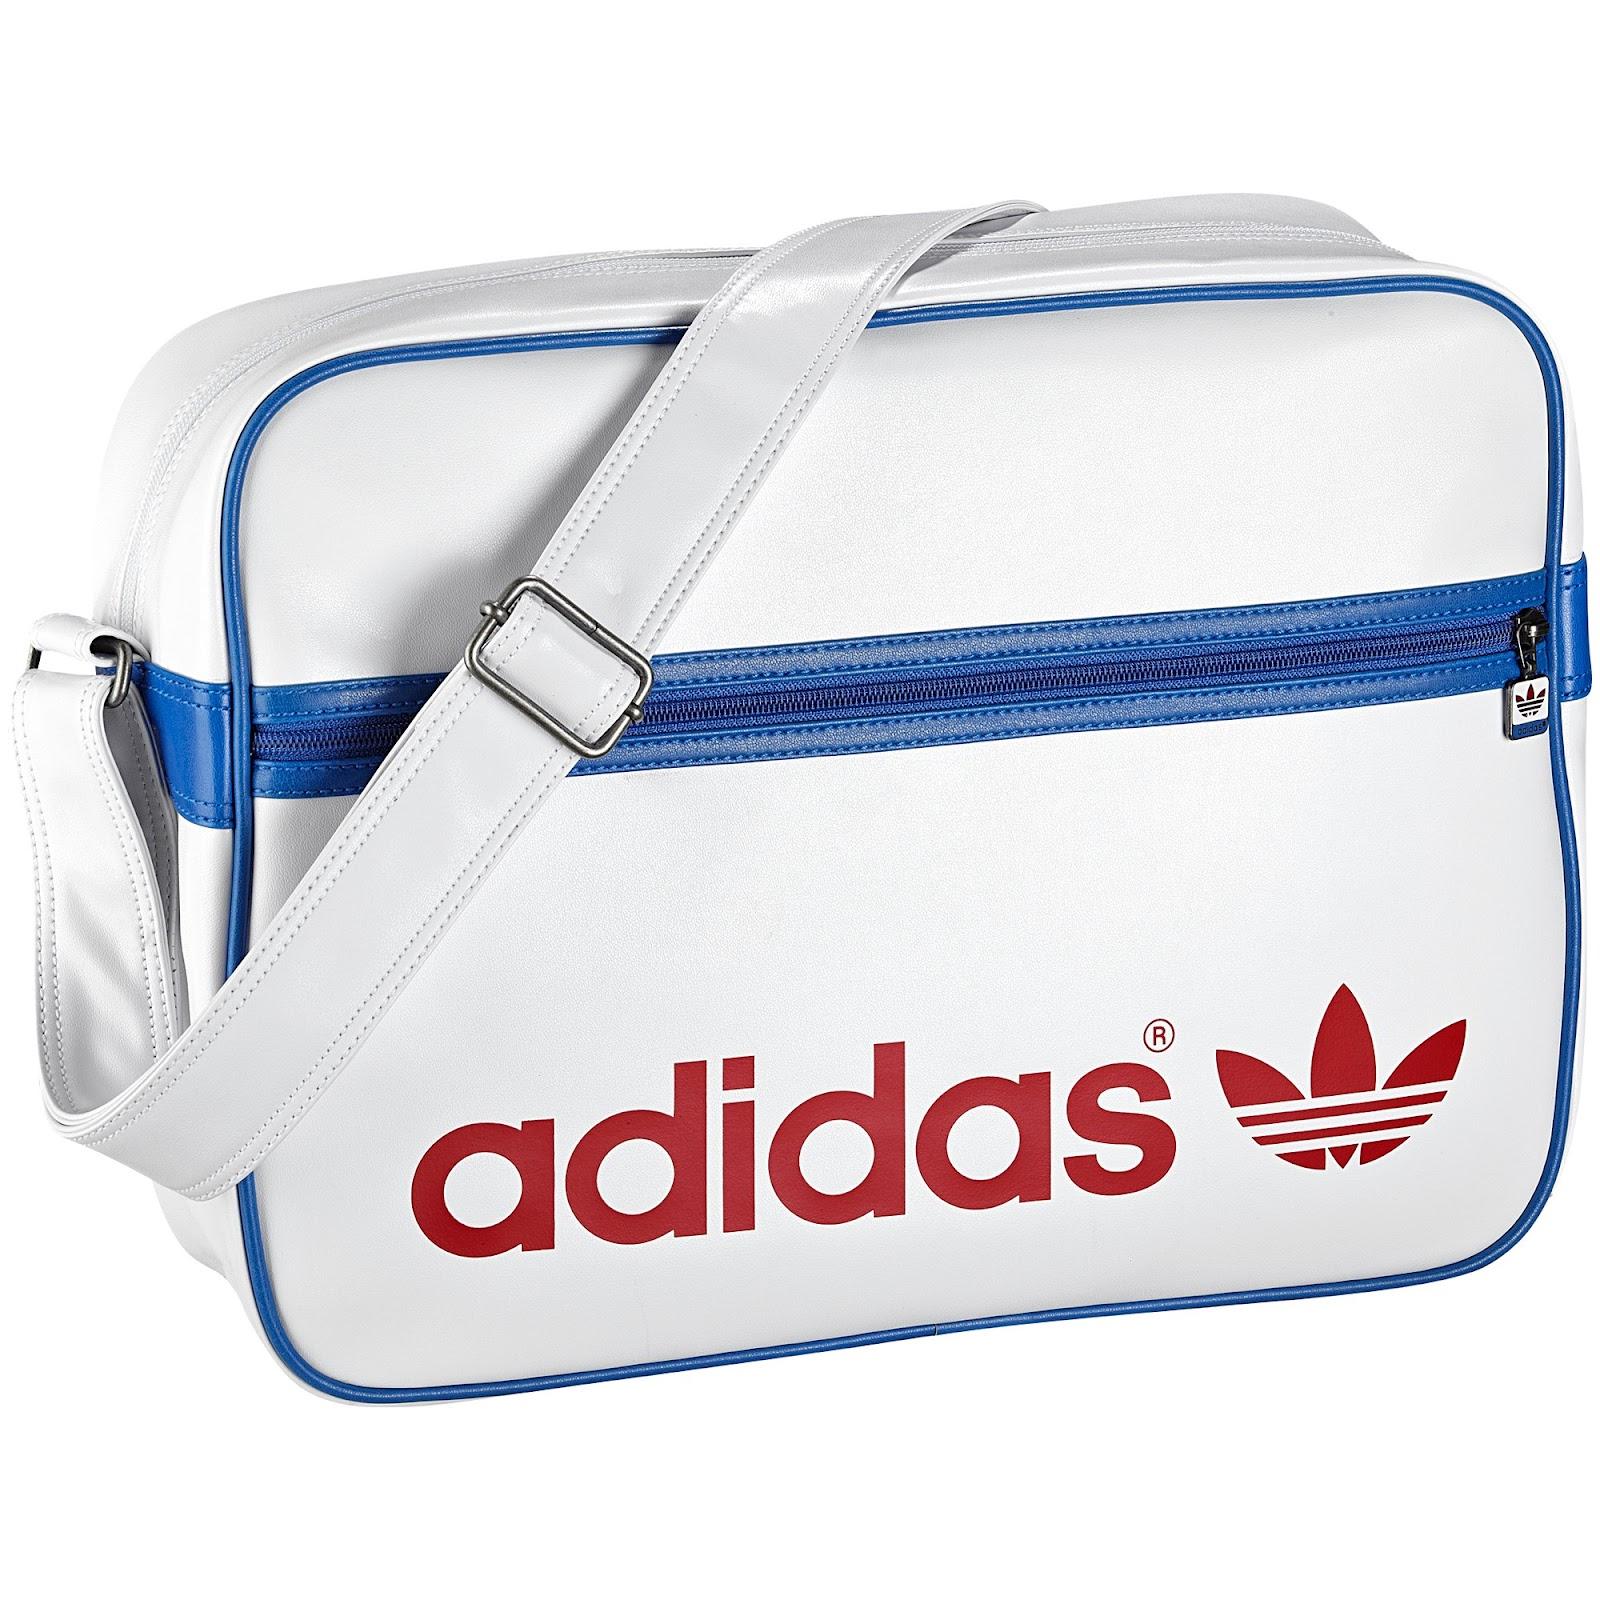 Revista Ellos Airline Nuevas Bag De Bolsas Moda Para Adidas ~ 7yvY6fbg